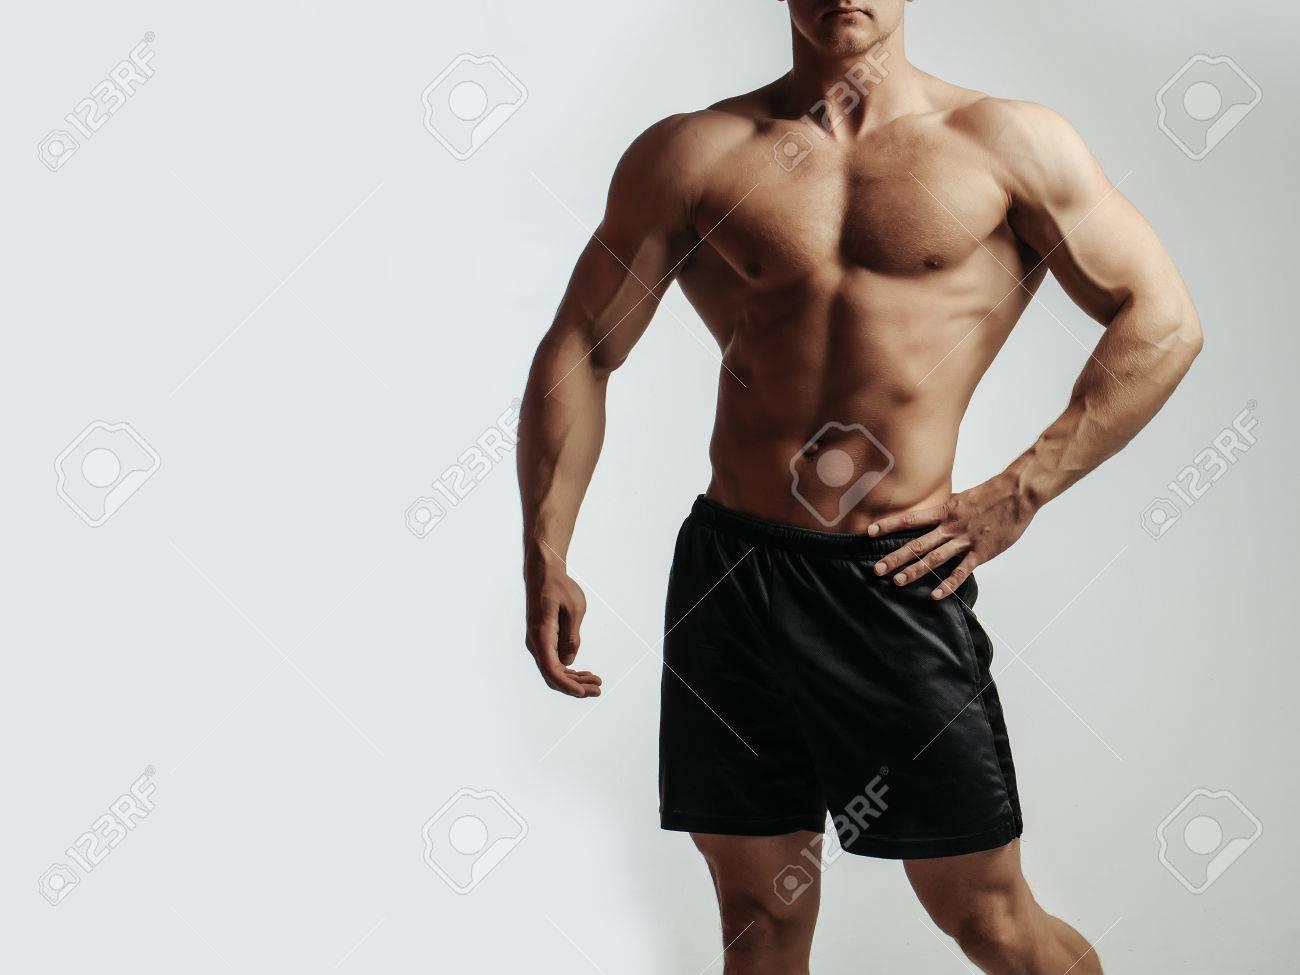 Junger Stattlicher Machomann Bodybuilder Mit Sexy Muskulösen ...